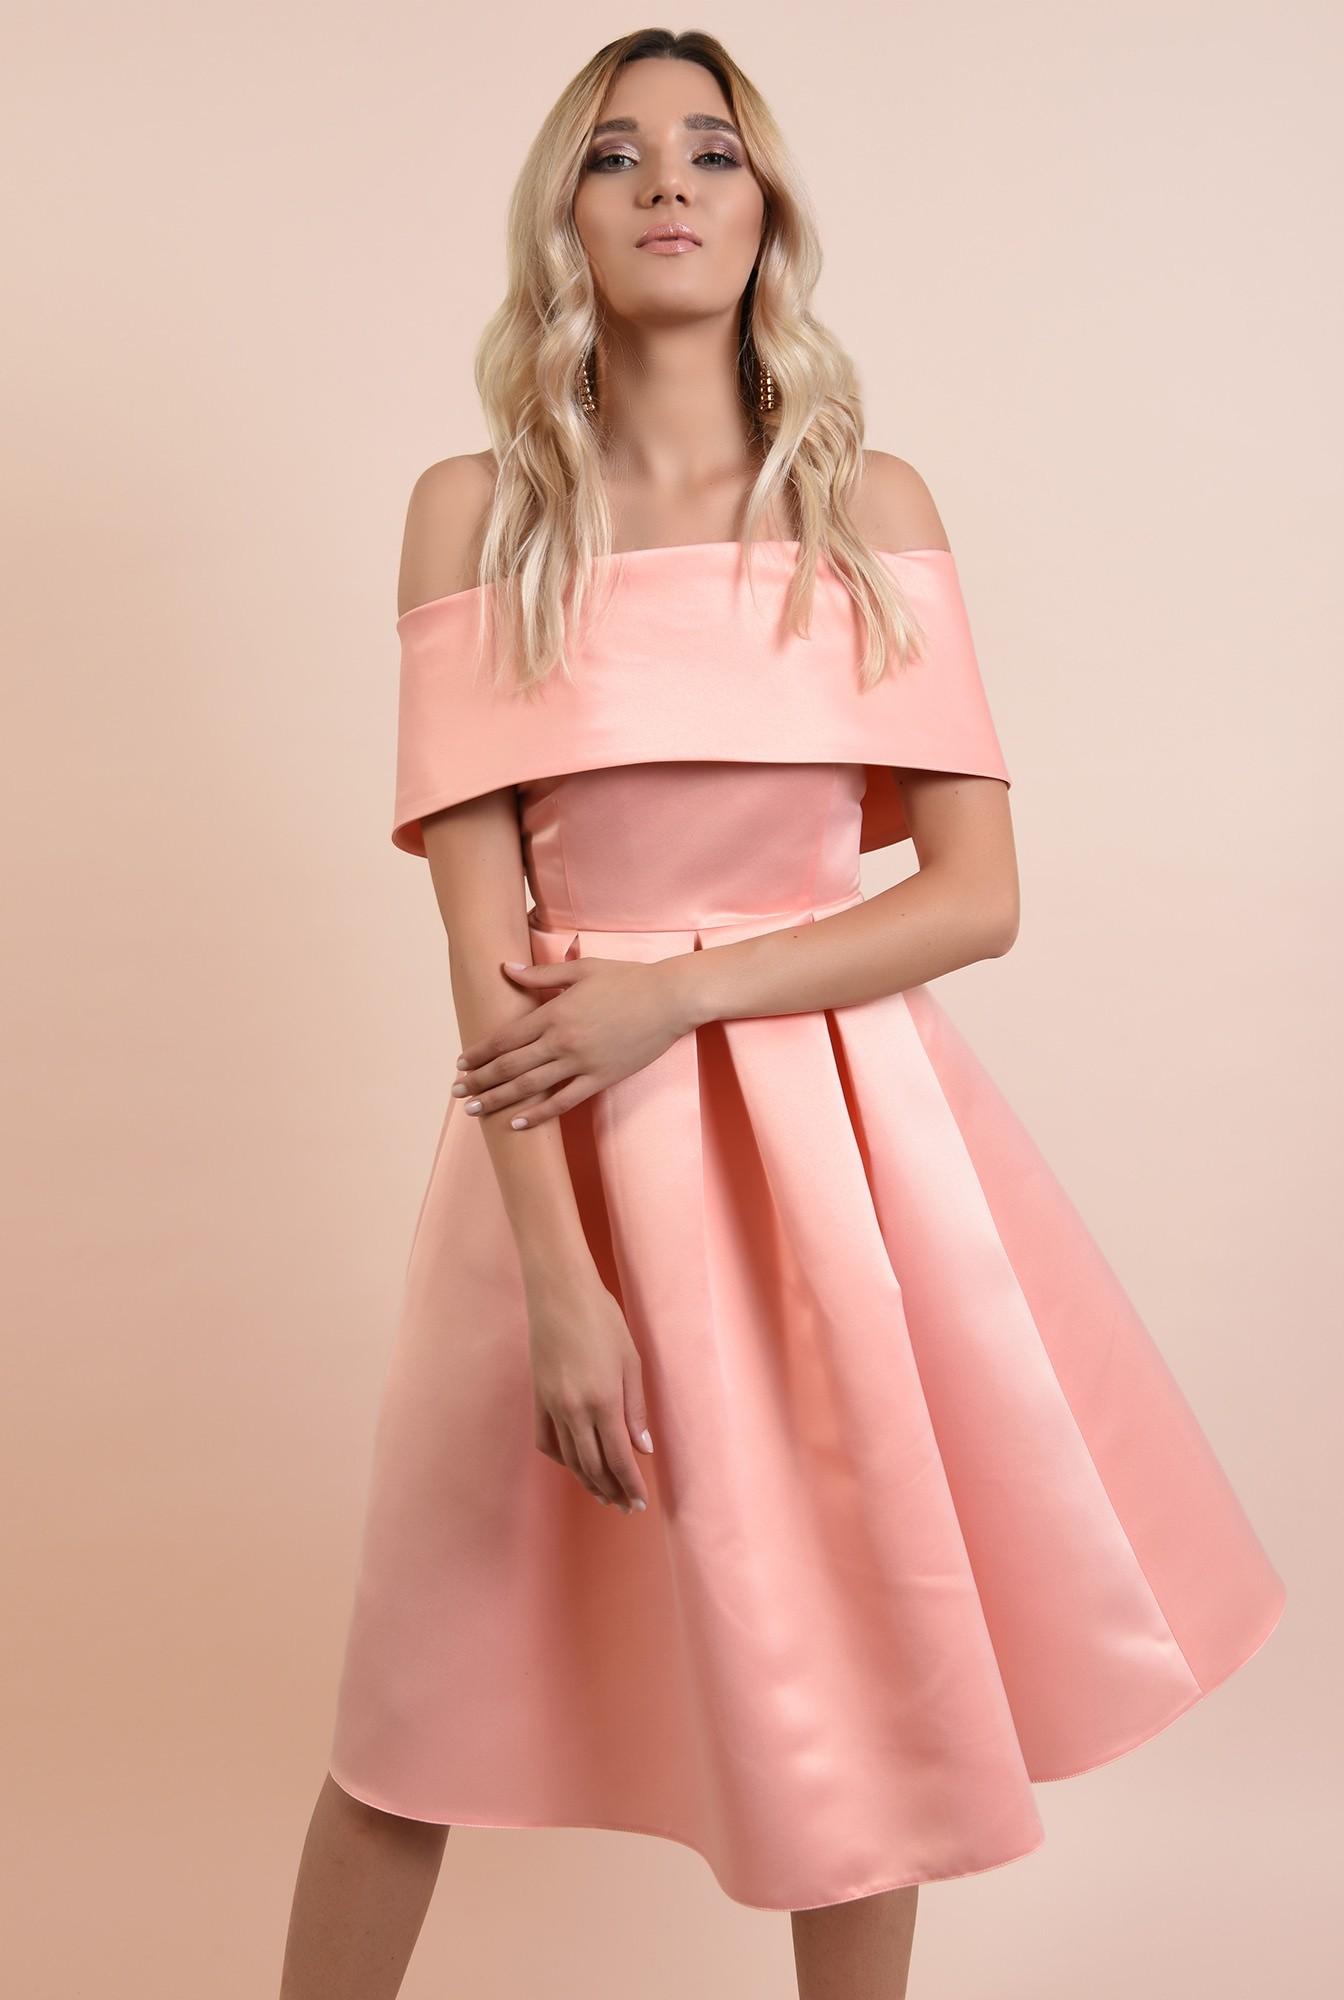 360 - rochie de ocazie, roz somon, midi, cu pliuri panou, Poema, umeri goi